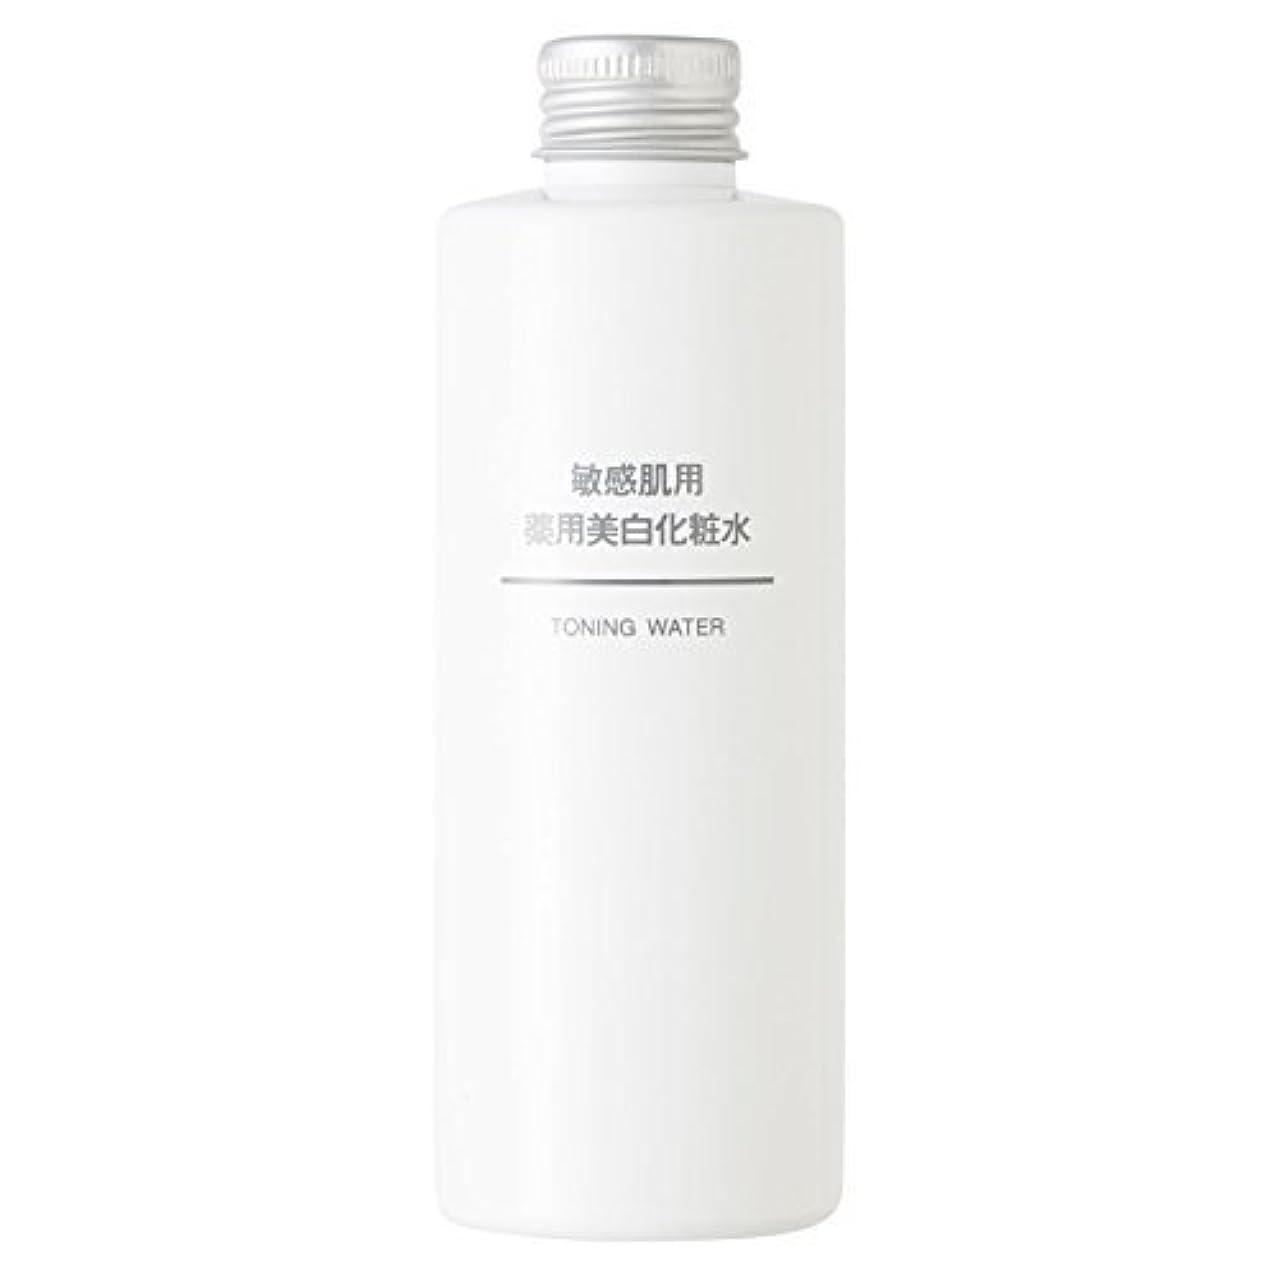 成功するに対して浅い無印良品 敏感肌用 薬用美白化粧水 (新)200ml